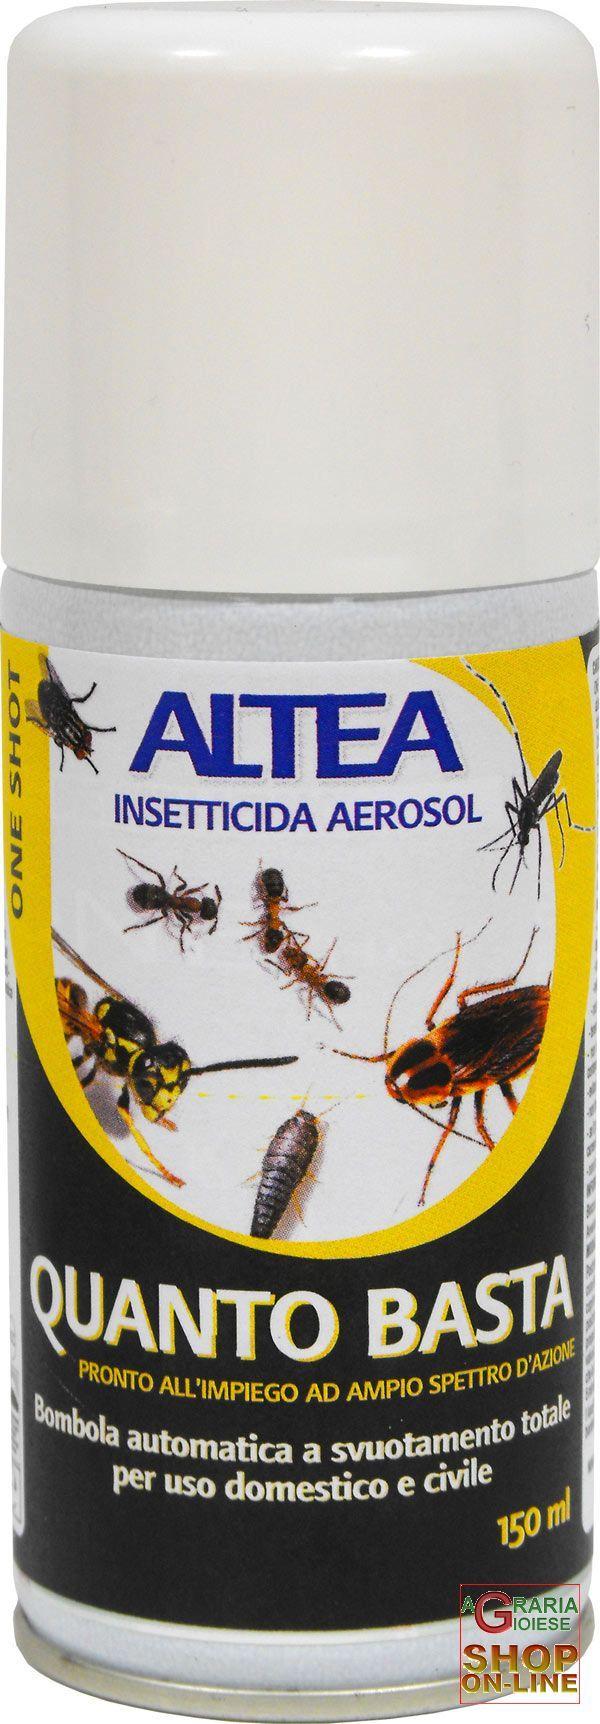 ALTEA QUANTO BASTA BOMBOLA INSETTICIDA AEROSOL SVUOTAMENTO TOTALE 150 g https://www.chiaradecaria.it/it/insetticidi-uso-civile/465-altea-quanto-basta-bombola-insetticida-aerosol-svuotamento-totale-150-g-8033331133927.html